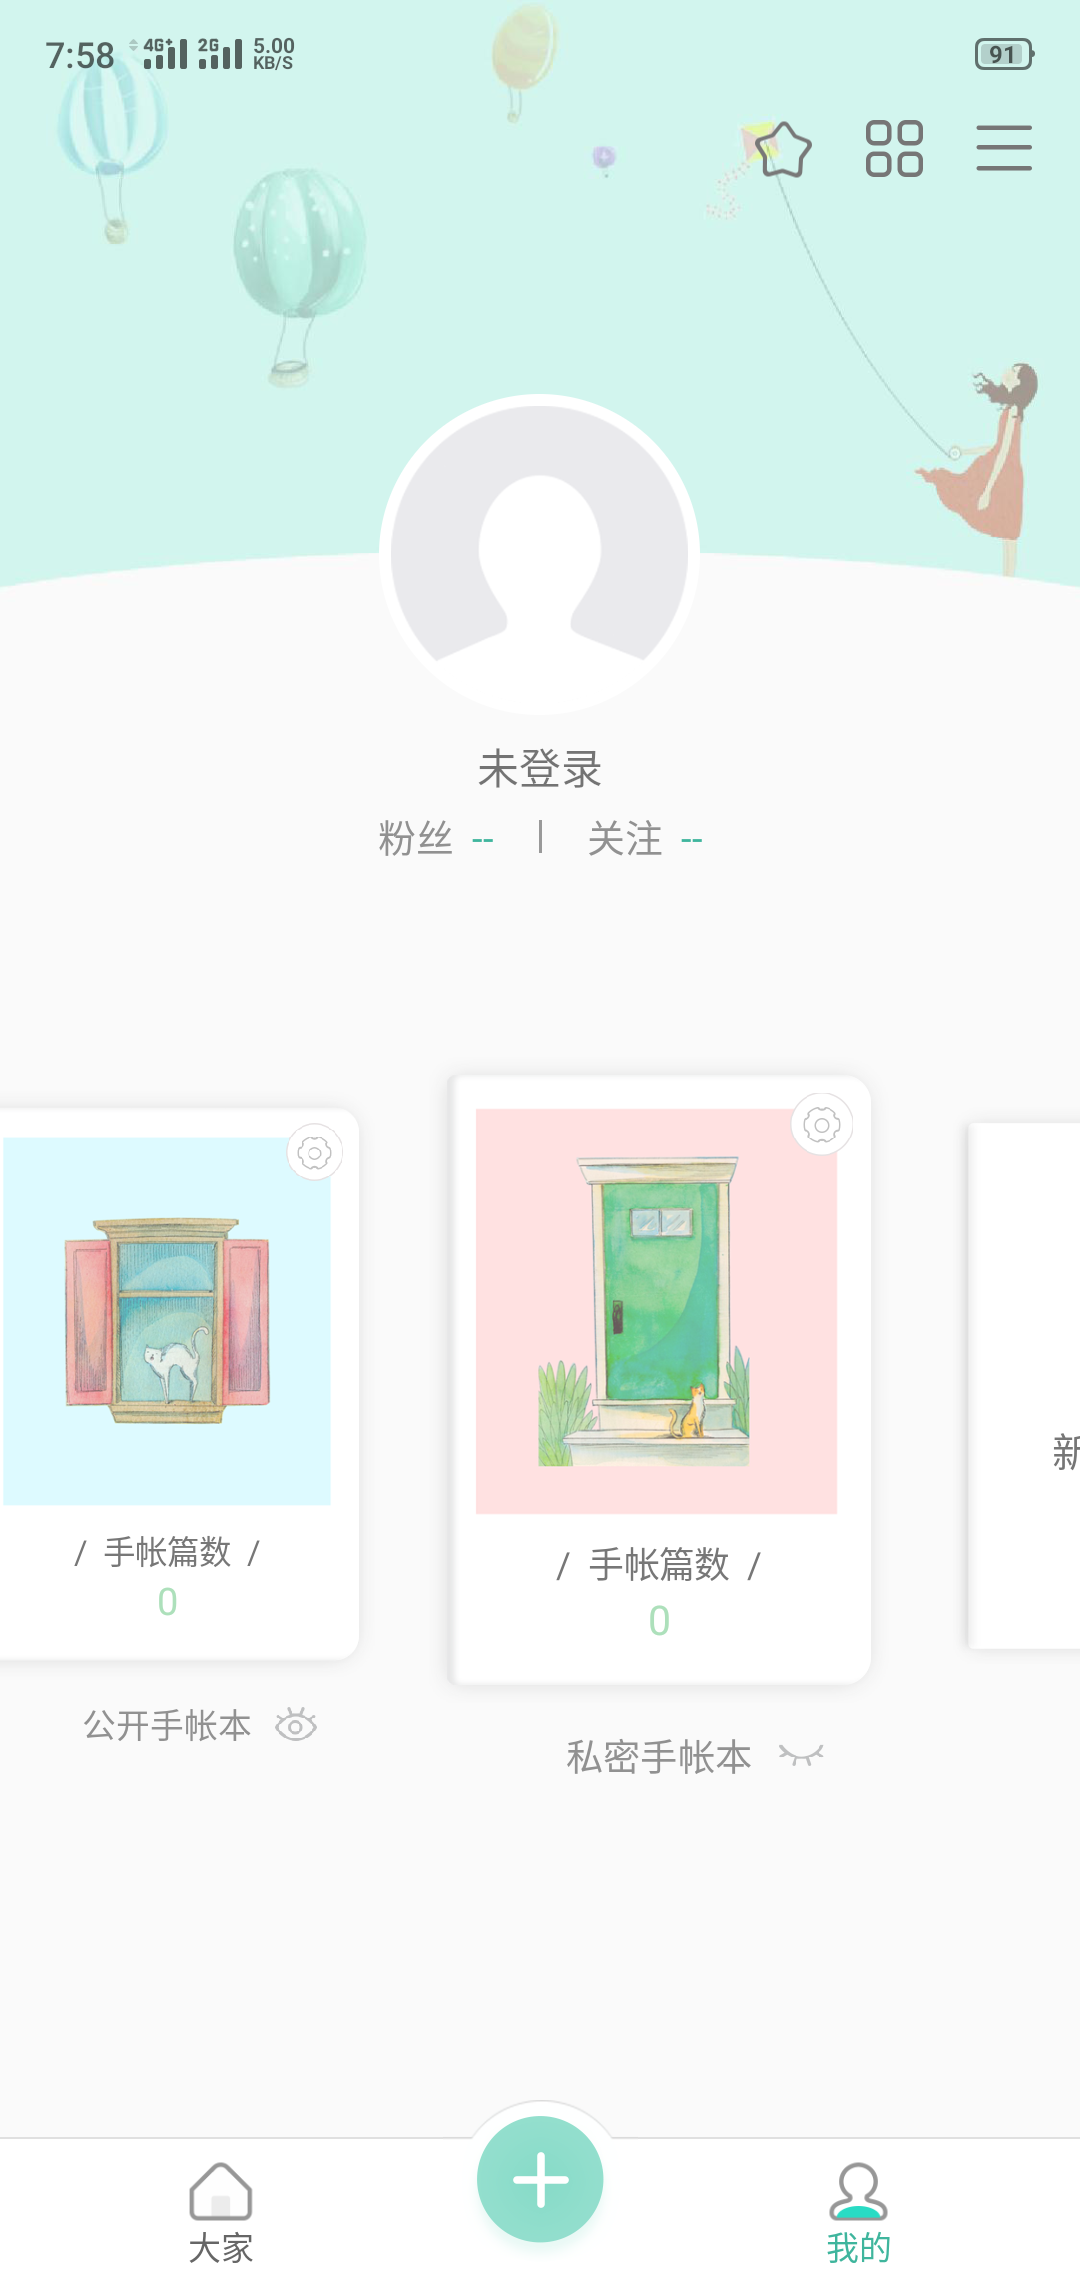 【考核】青柠手zhangv2.5.4在线制作手账